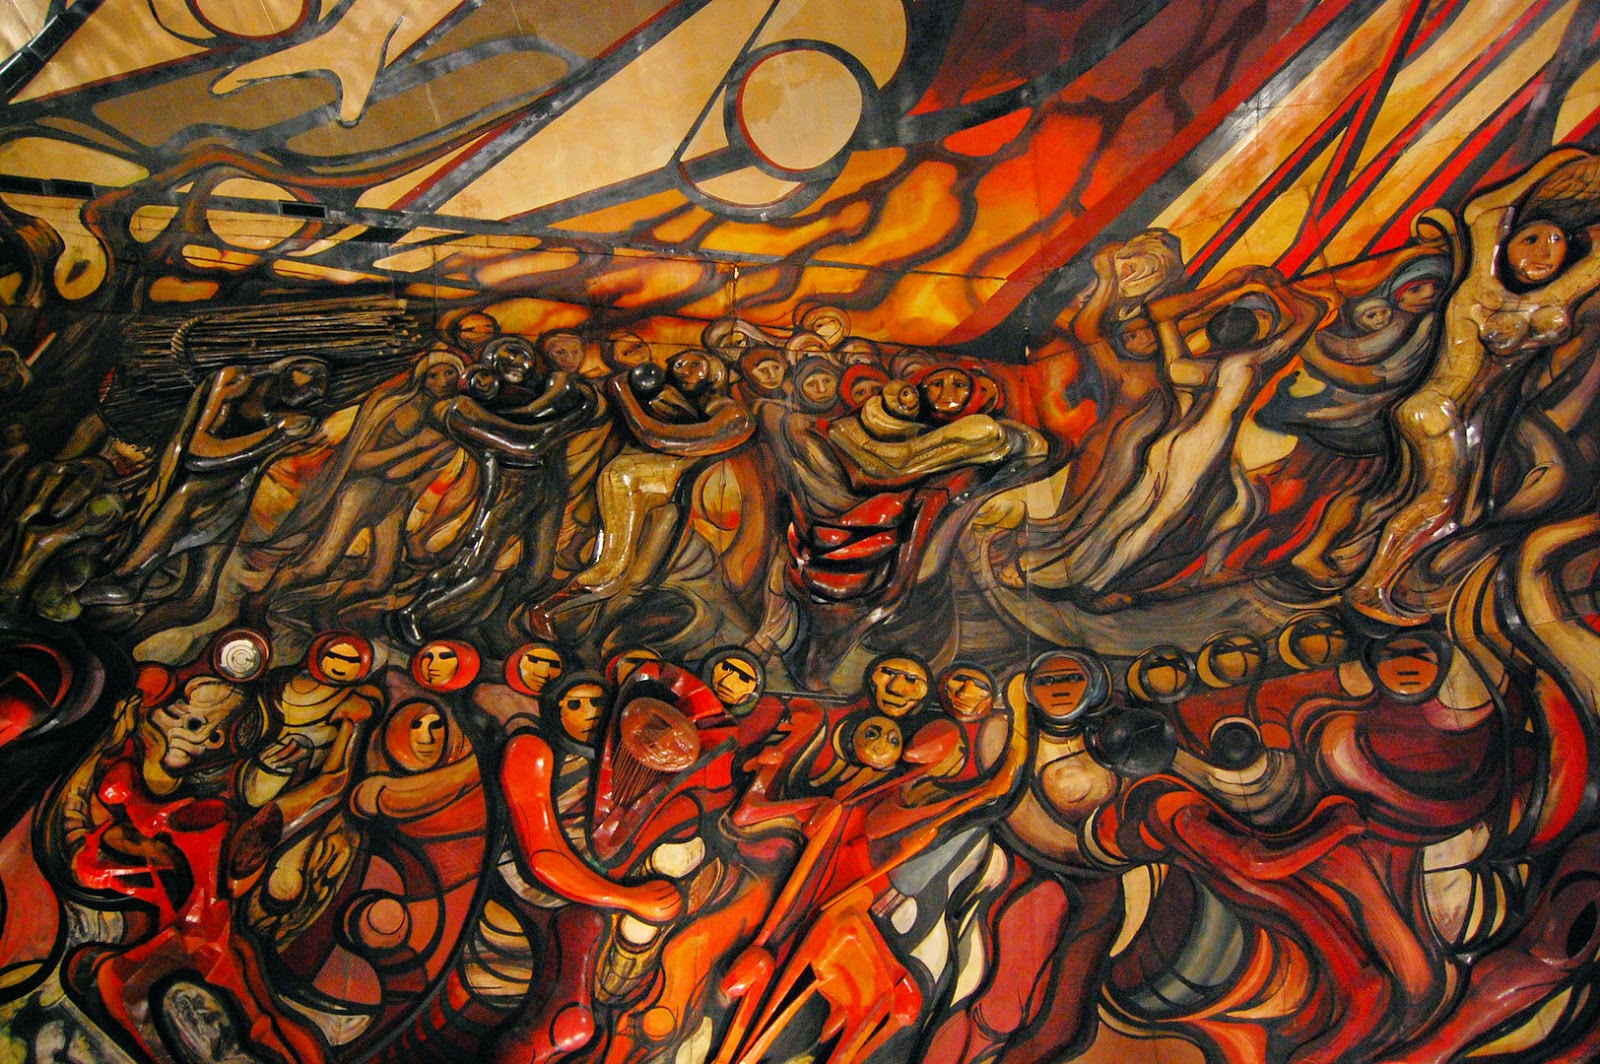 Grupo edam el polyforum cultural siqueiros en peligro for El mural de mosaicos